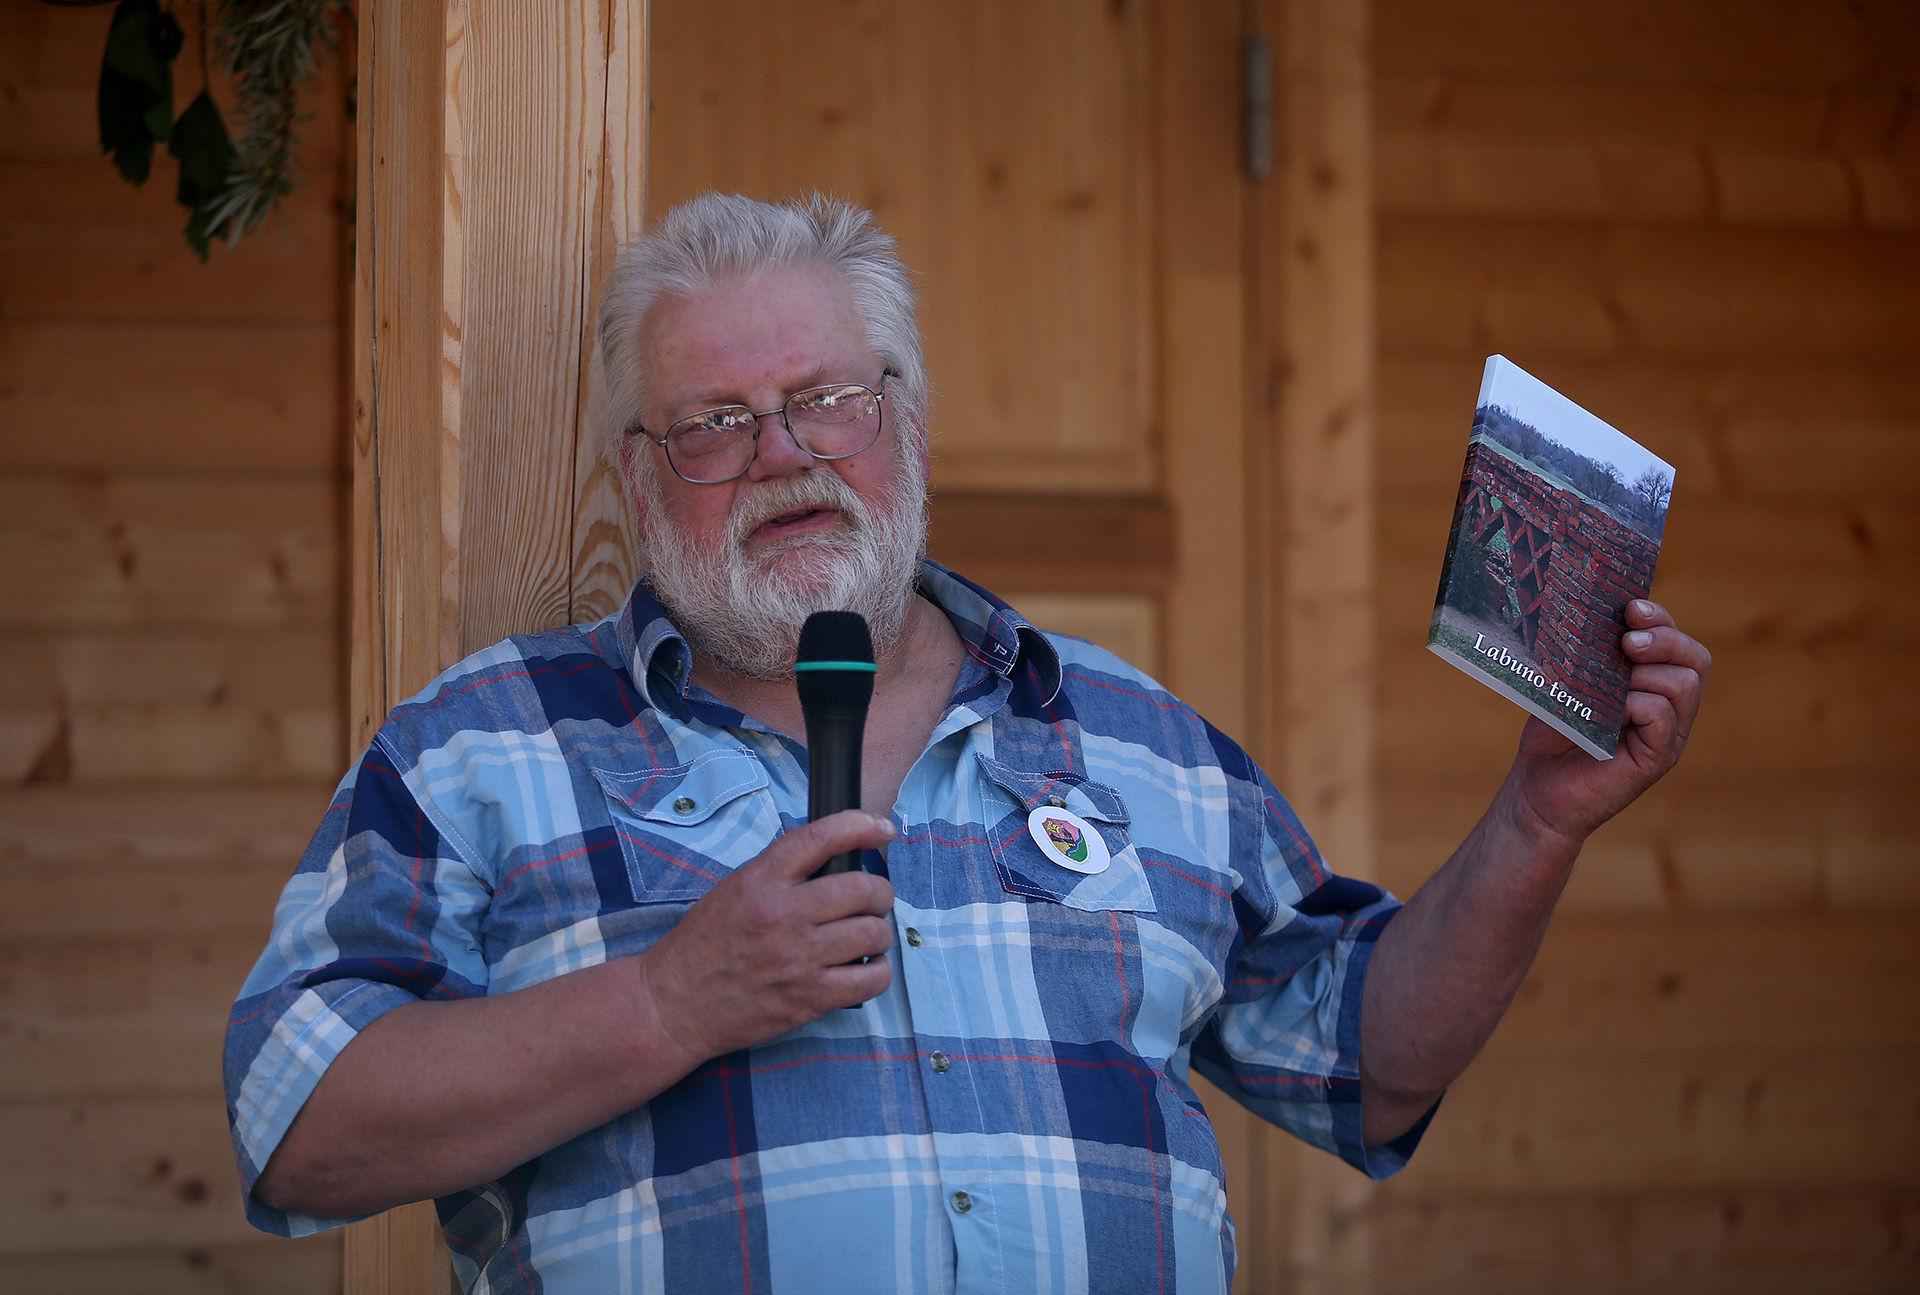 Labūnavietis restauratorius Gintaras Kazlauskas tvirtai žino, kad Labūnava nėra tokia jau paprasta gyvenvietė, kaip galėtų atrodyti iš pirmo žvilgsnio. A. Barzdžiaus nuotr.